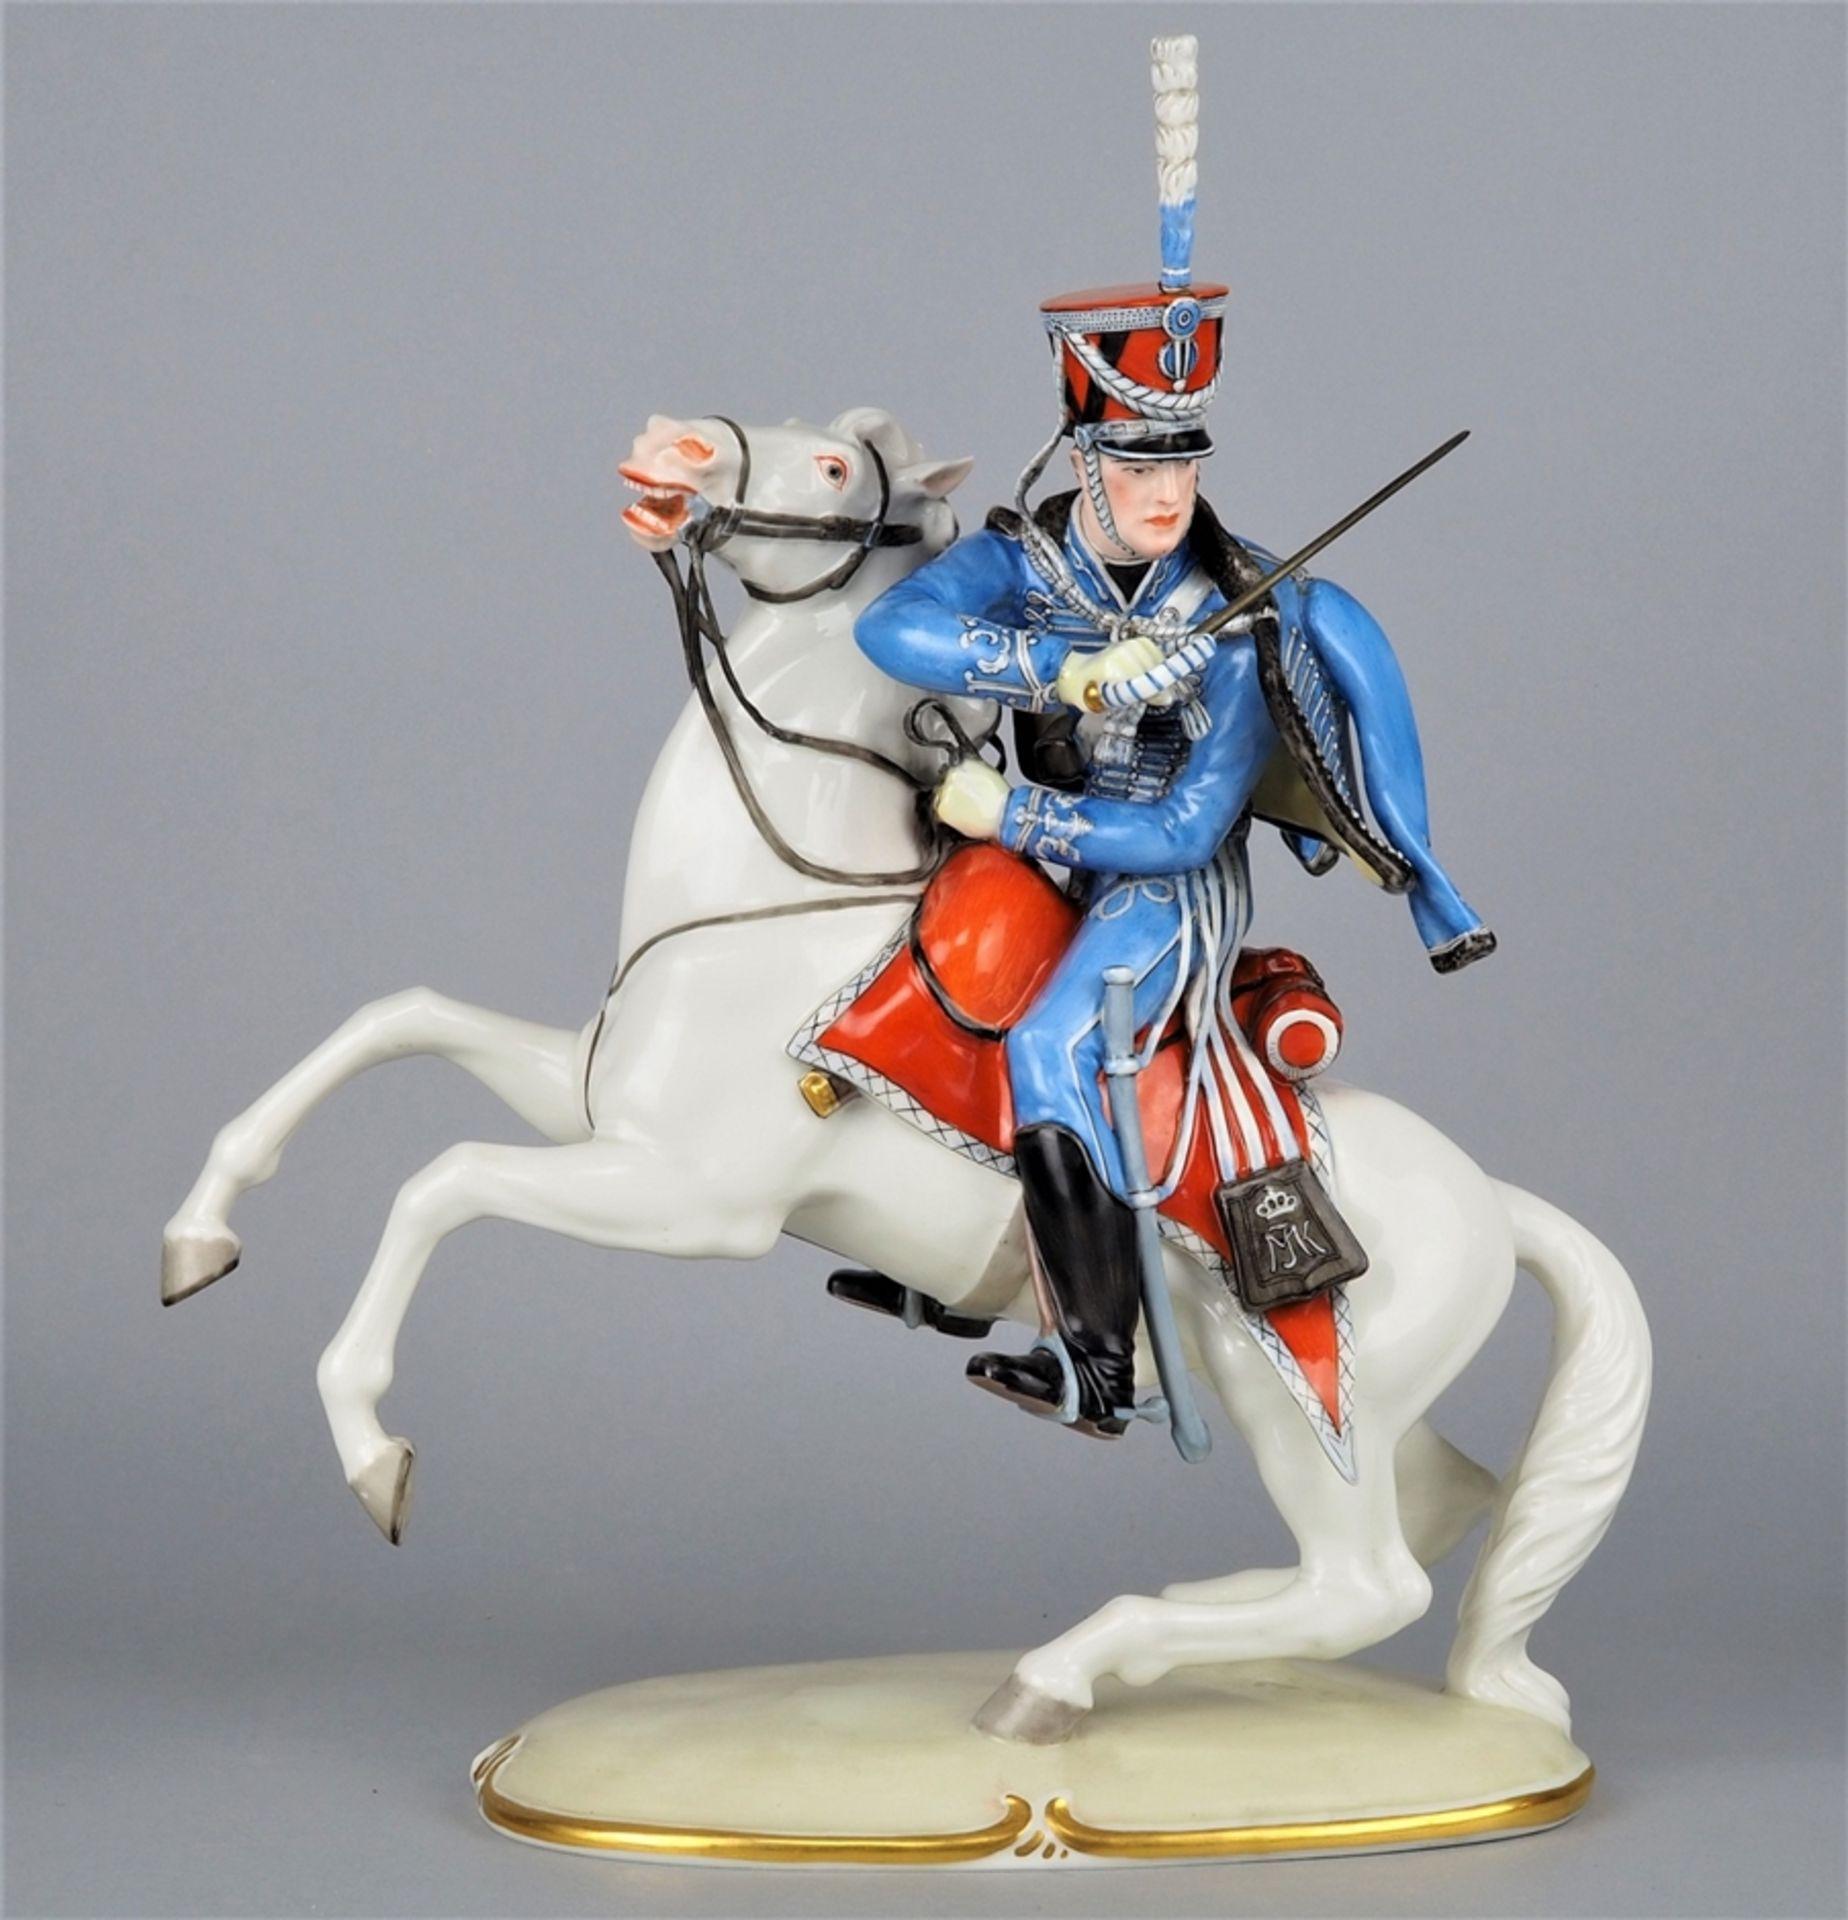 Nymphenburg Porcelain Manufactory: Officer of the 2nd Royal Bavarian Hussar Regiment on horseback.